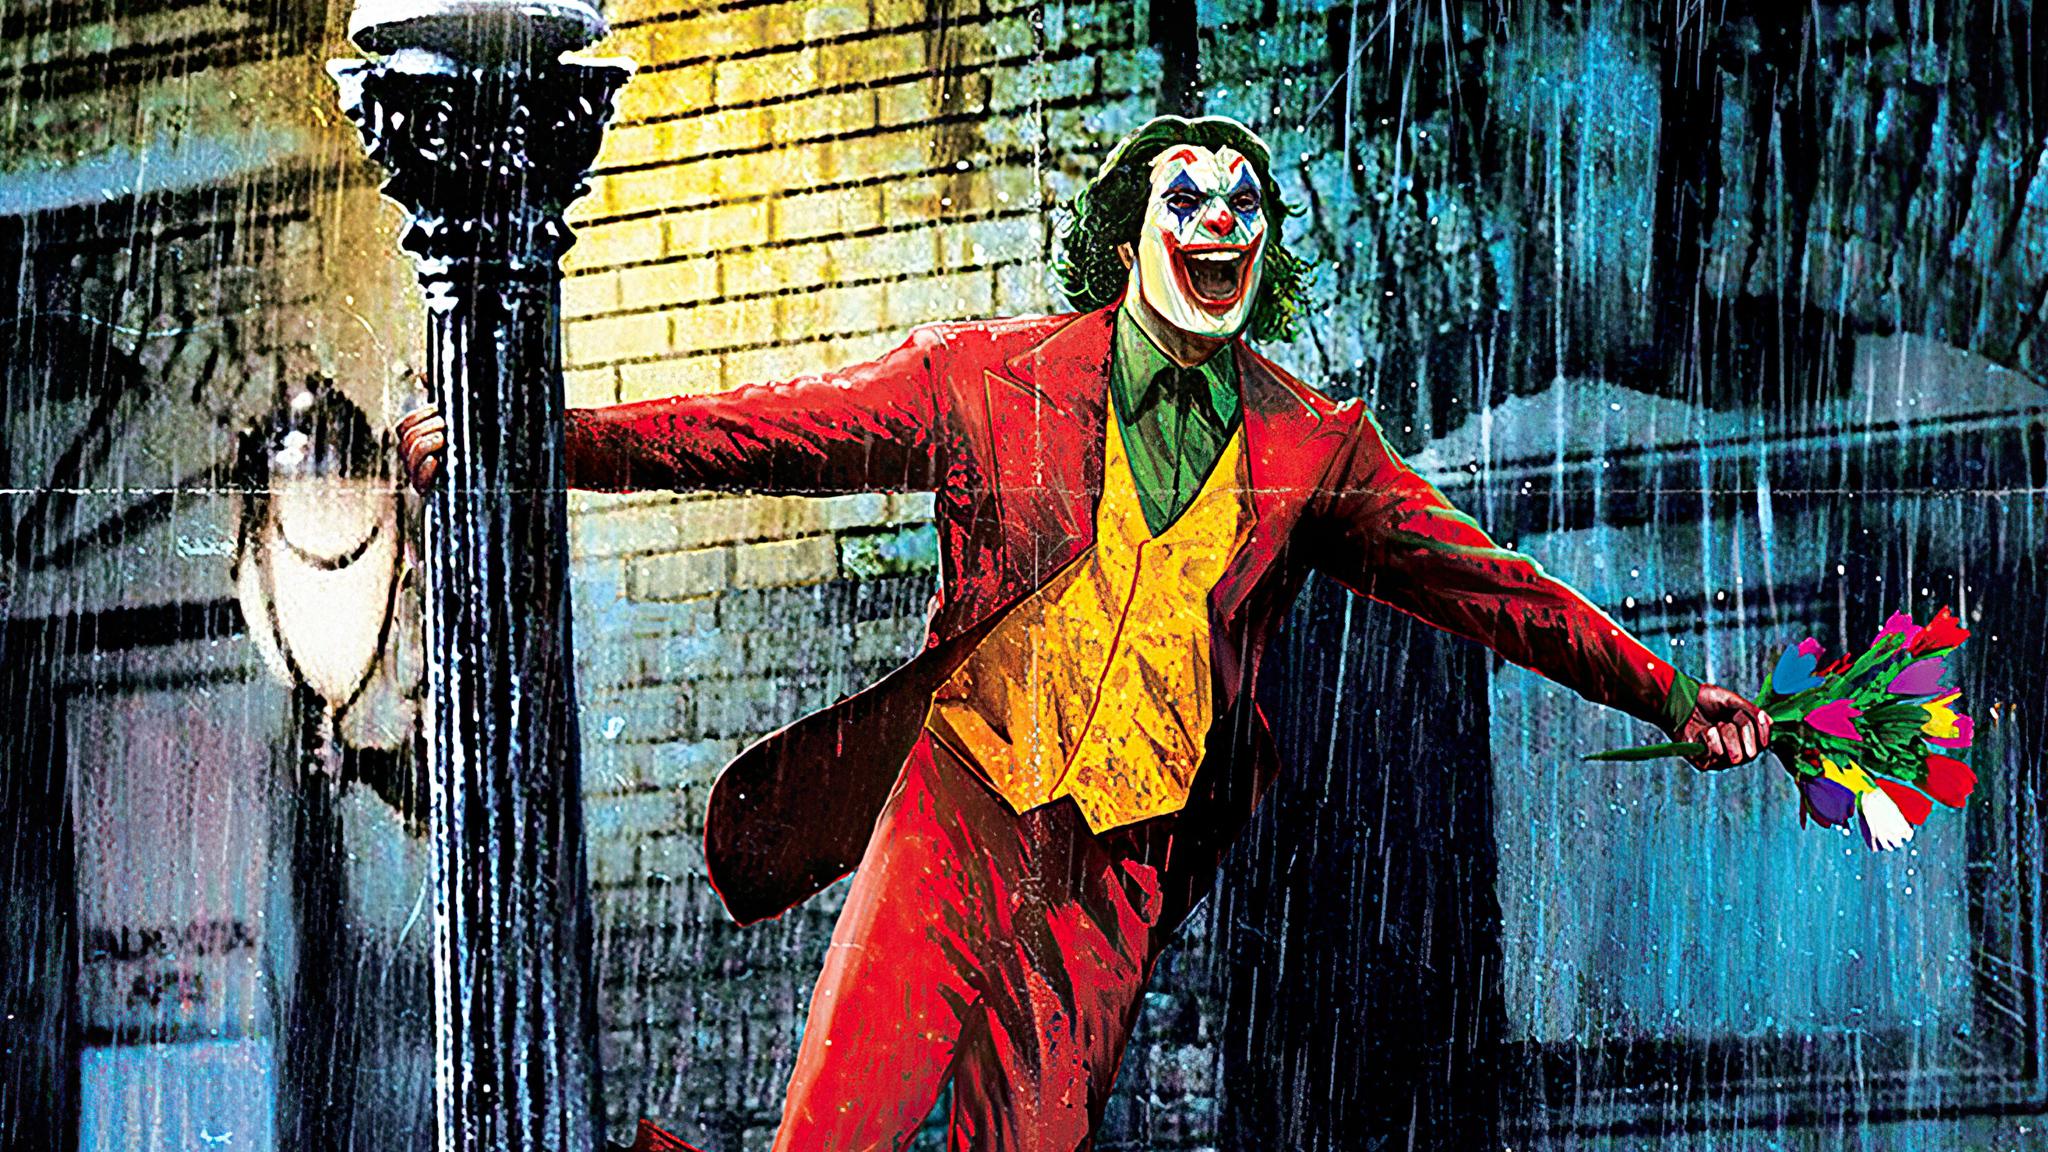 joker-sing-in-in-the-rain-1k.jpg